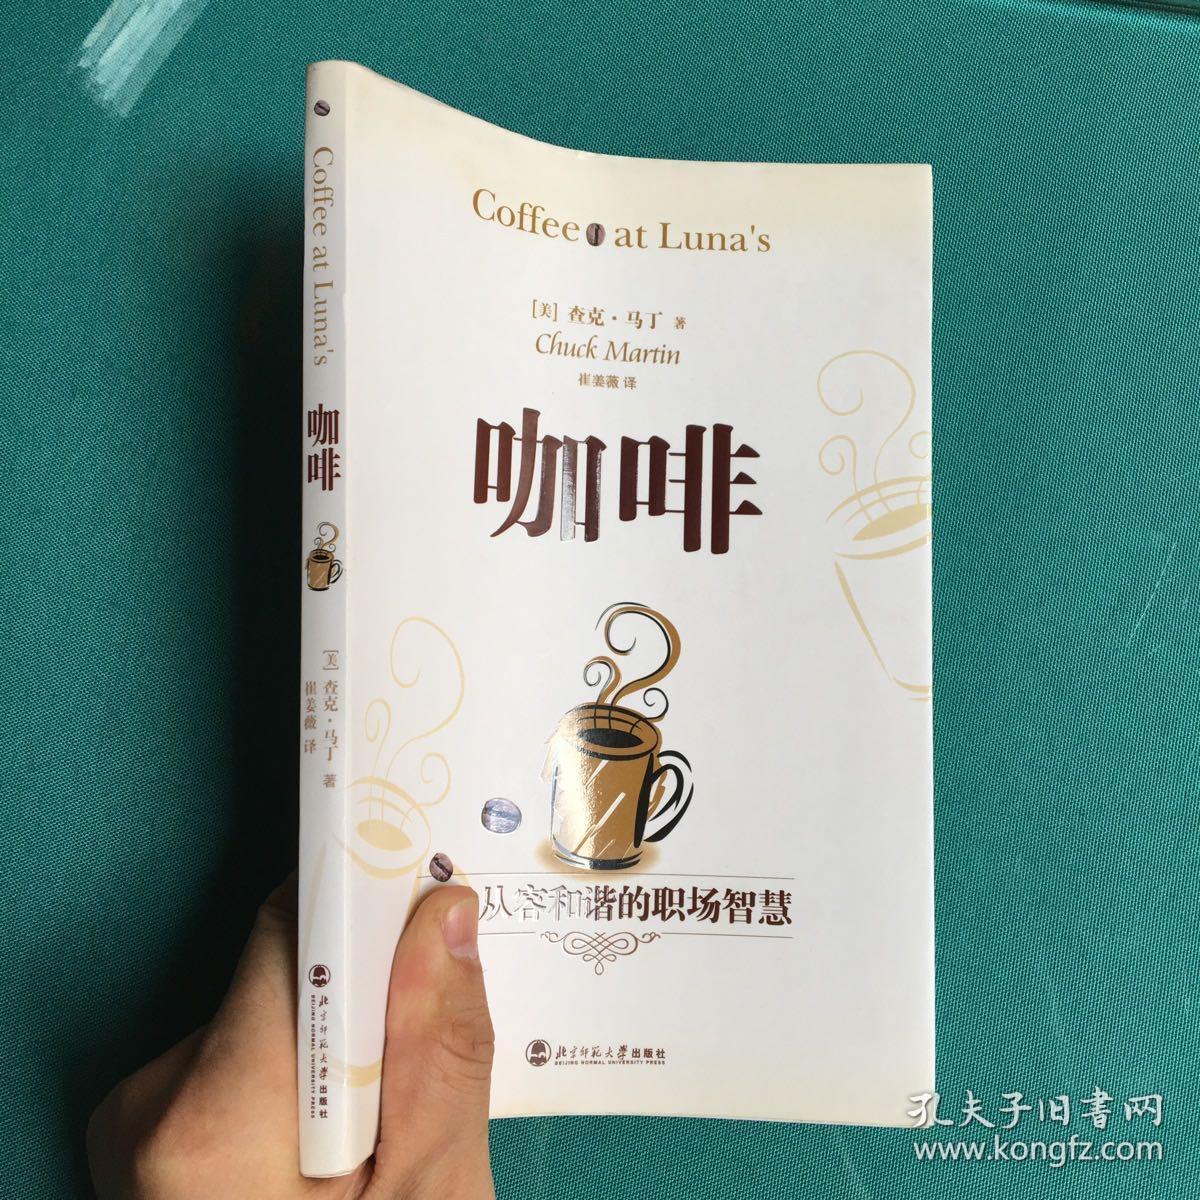 咖啡:一种从容和谐的职场智慧